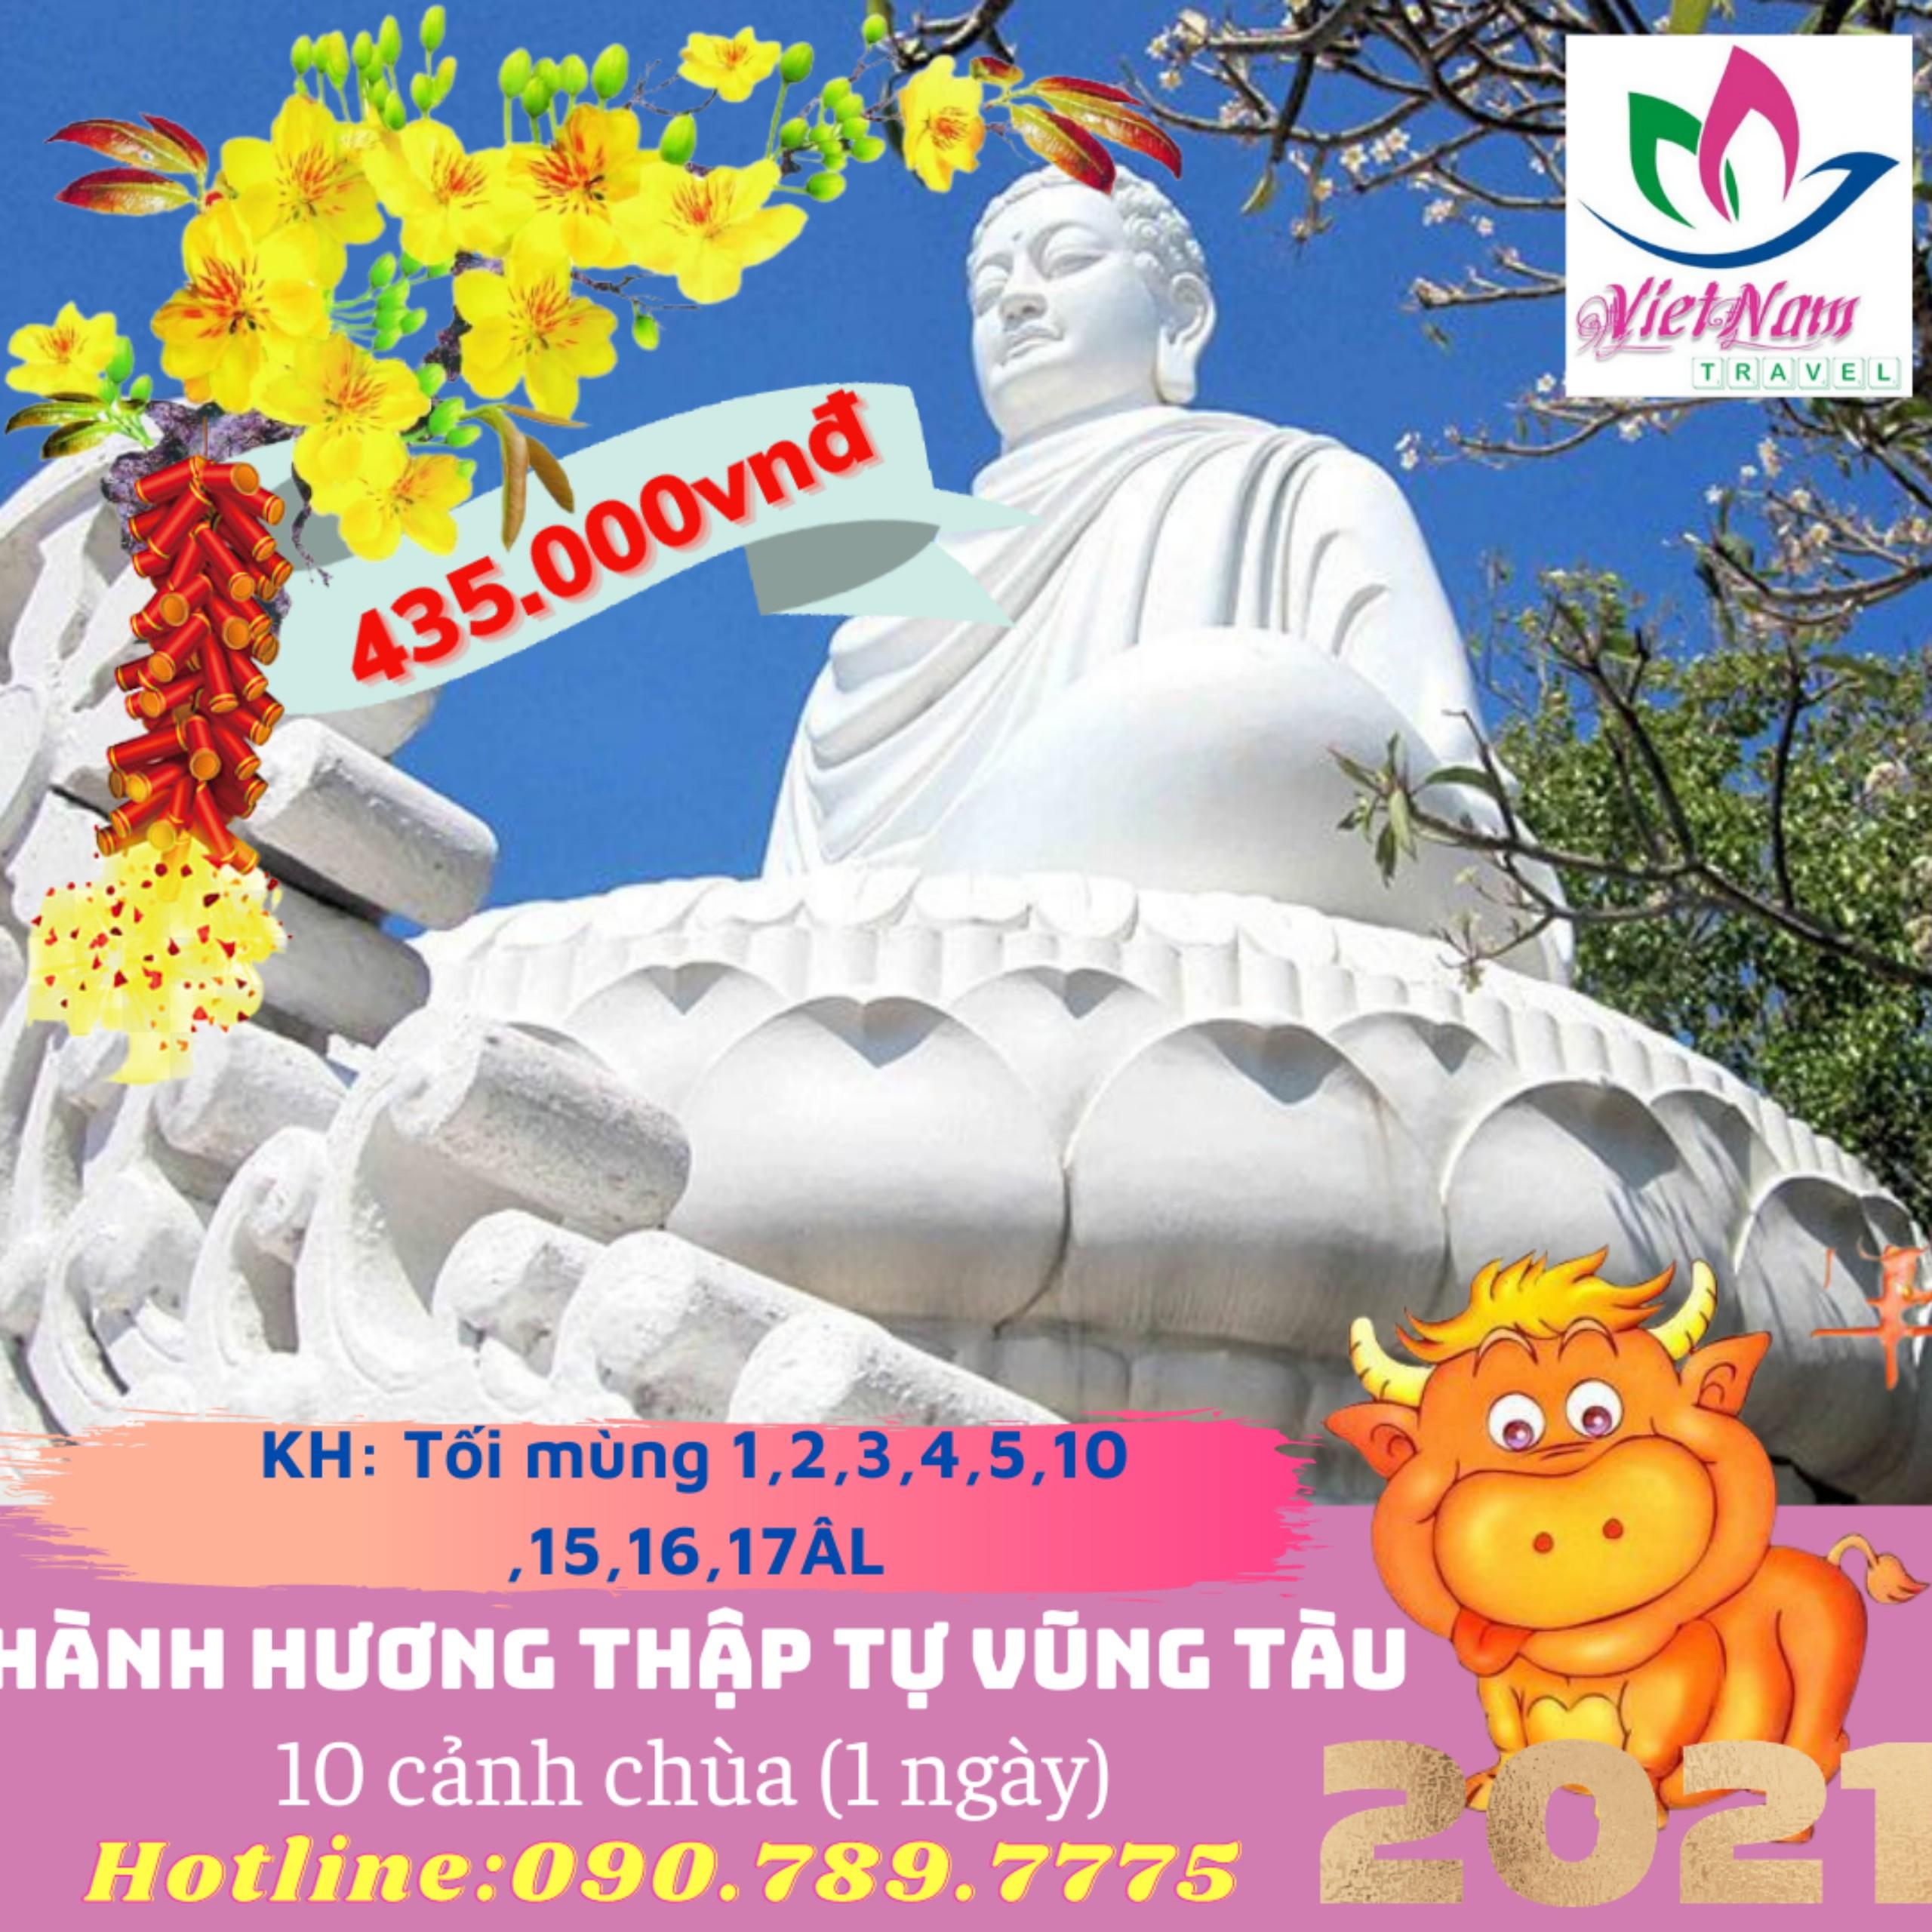 Tour Sài Gòn -  Vũng Tàu - Vãng Cảnh Thập Tự